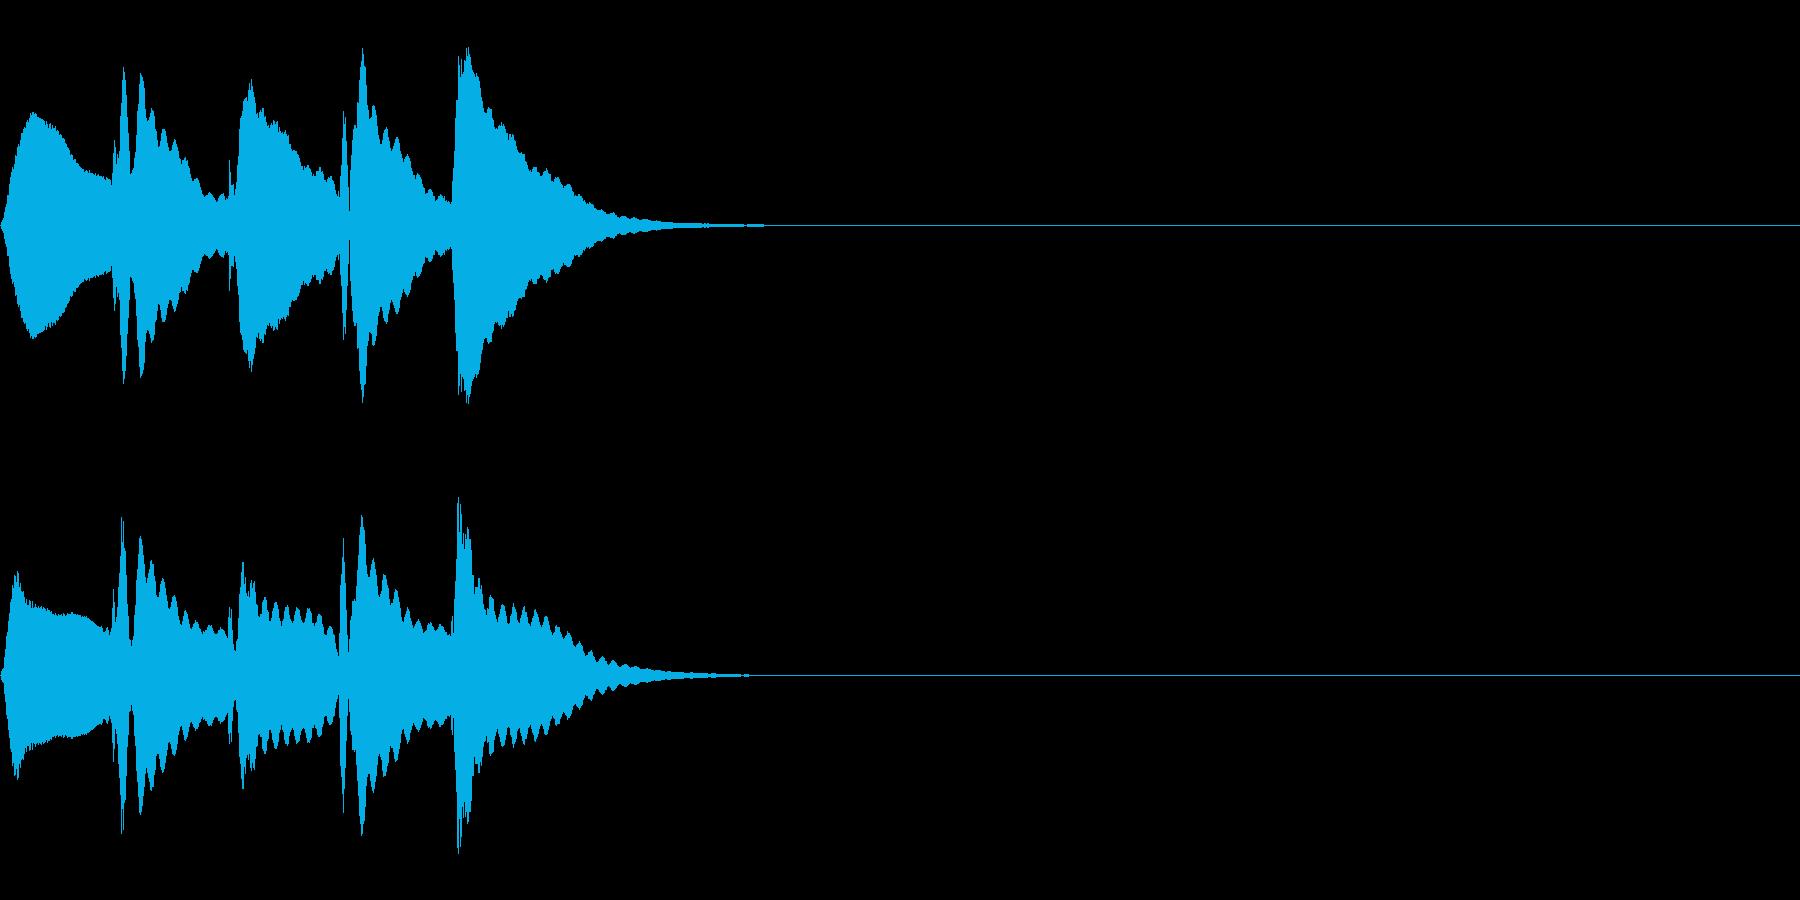 マリンバの短いトリルの再生済みの波形